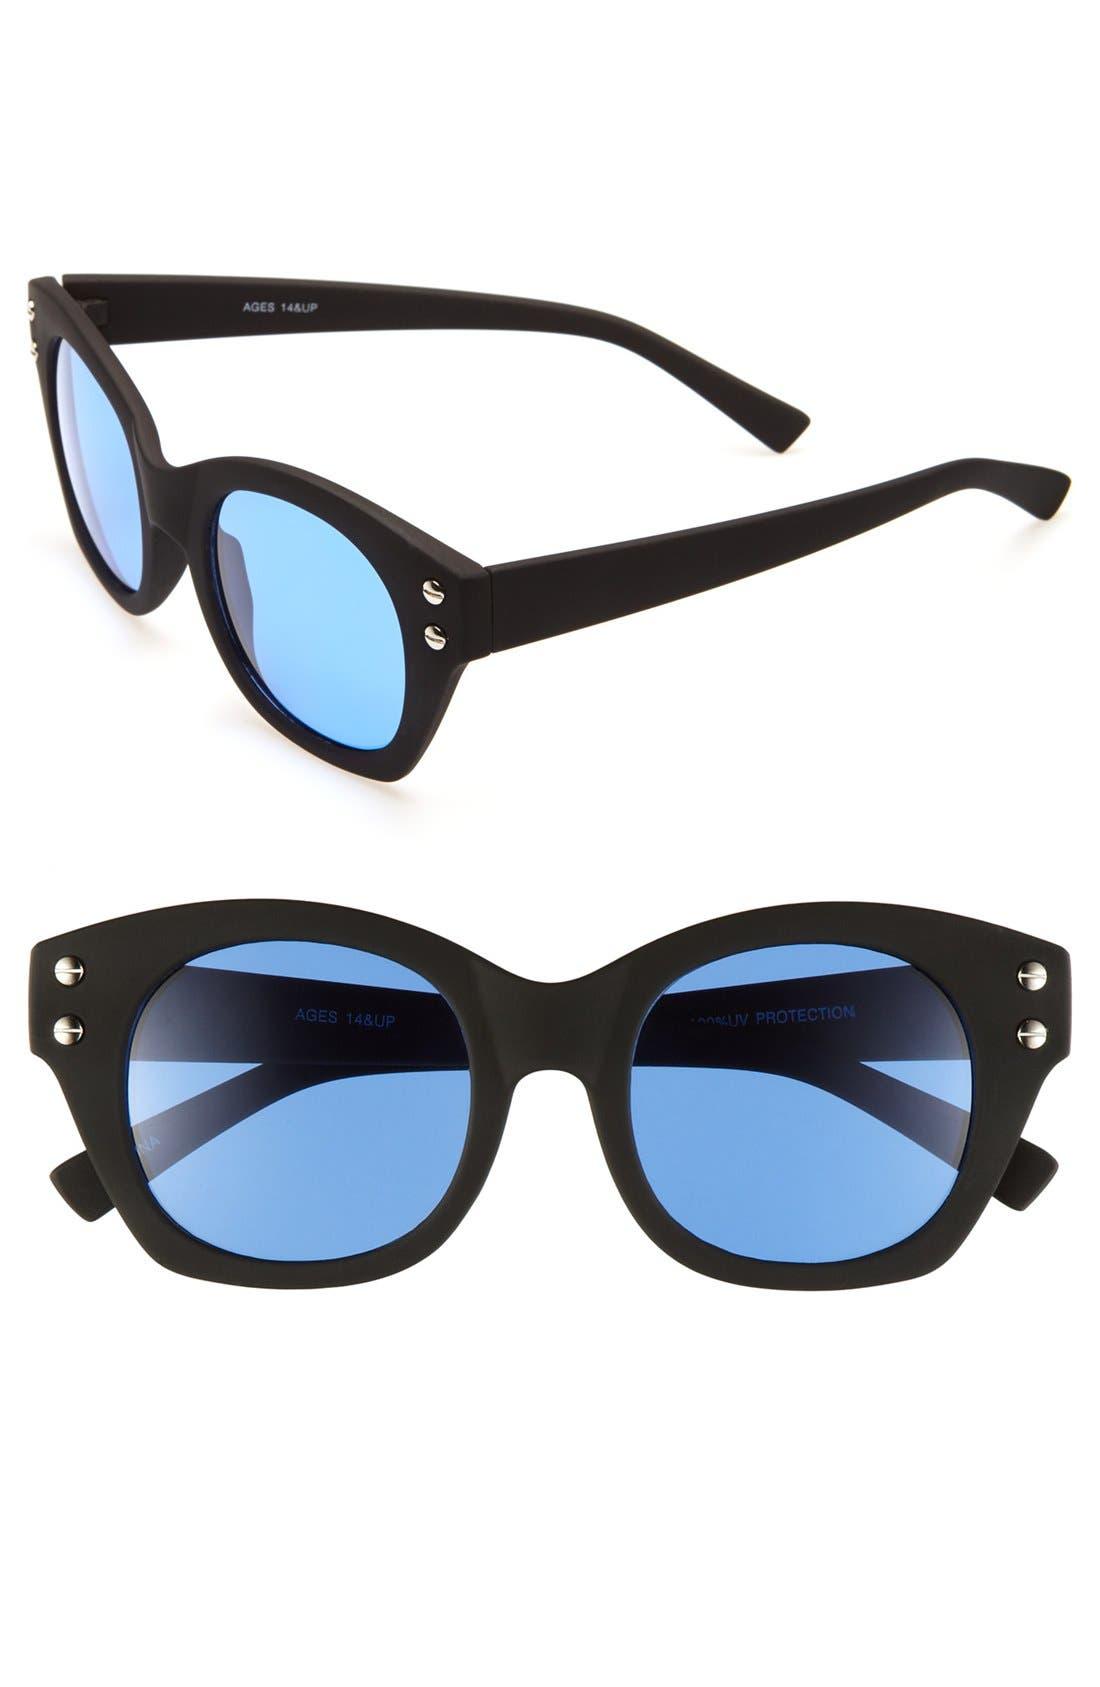 Alternate Image 1 Selected - FE NY 'Varsity' Sunglasses